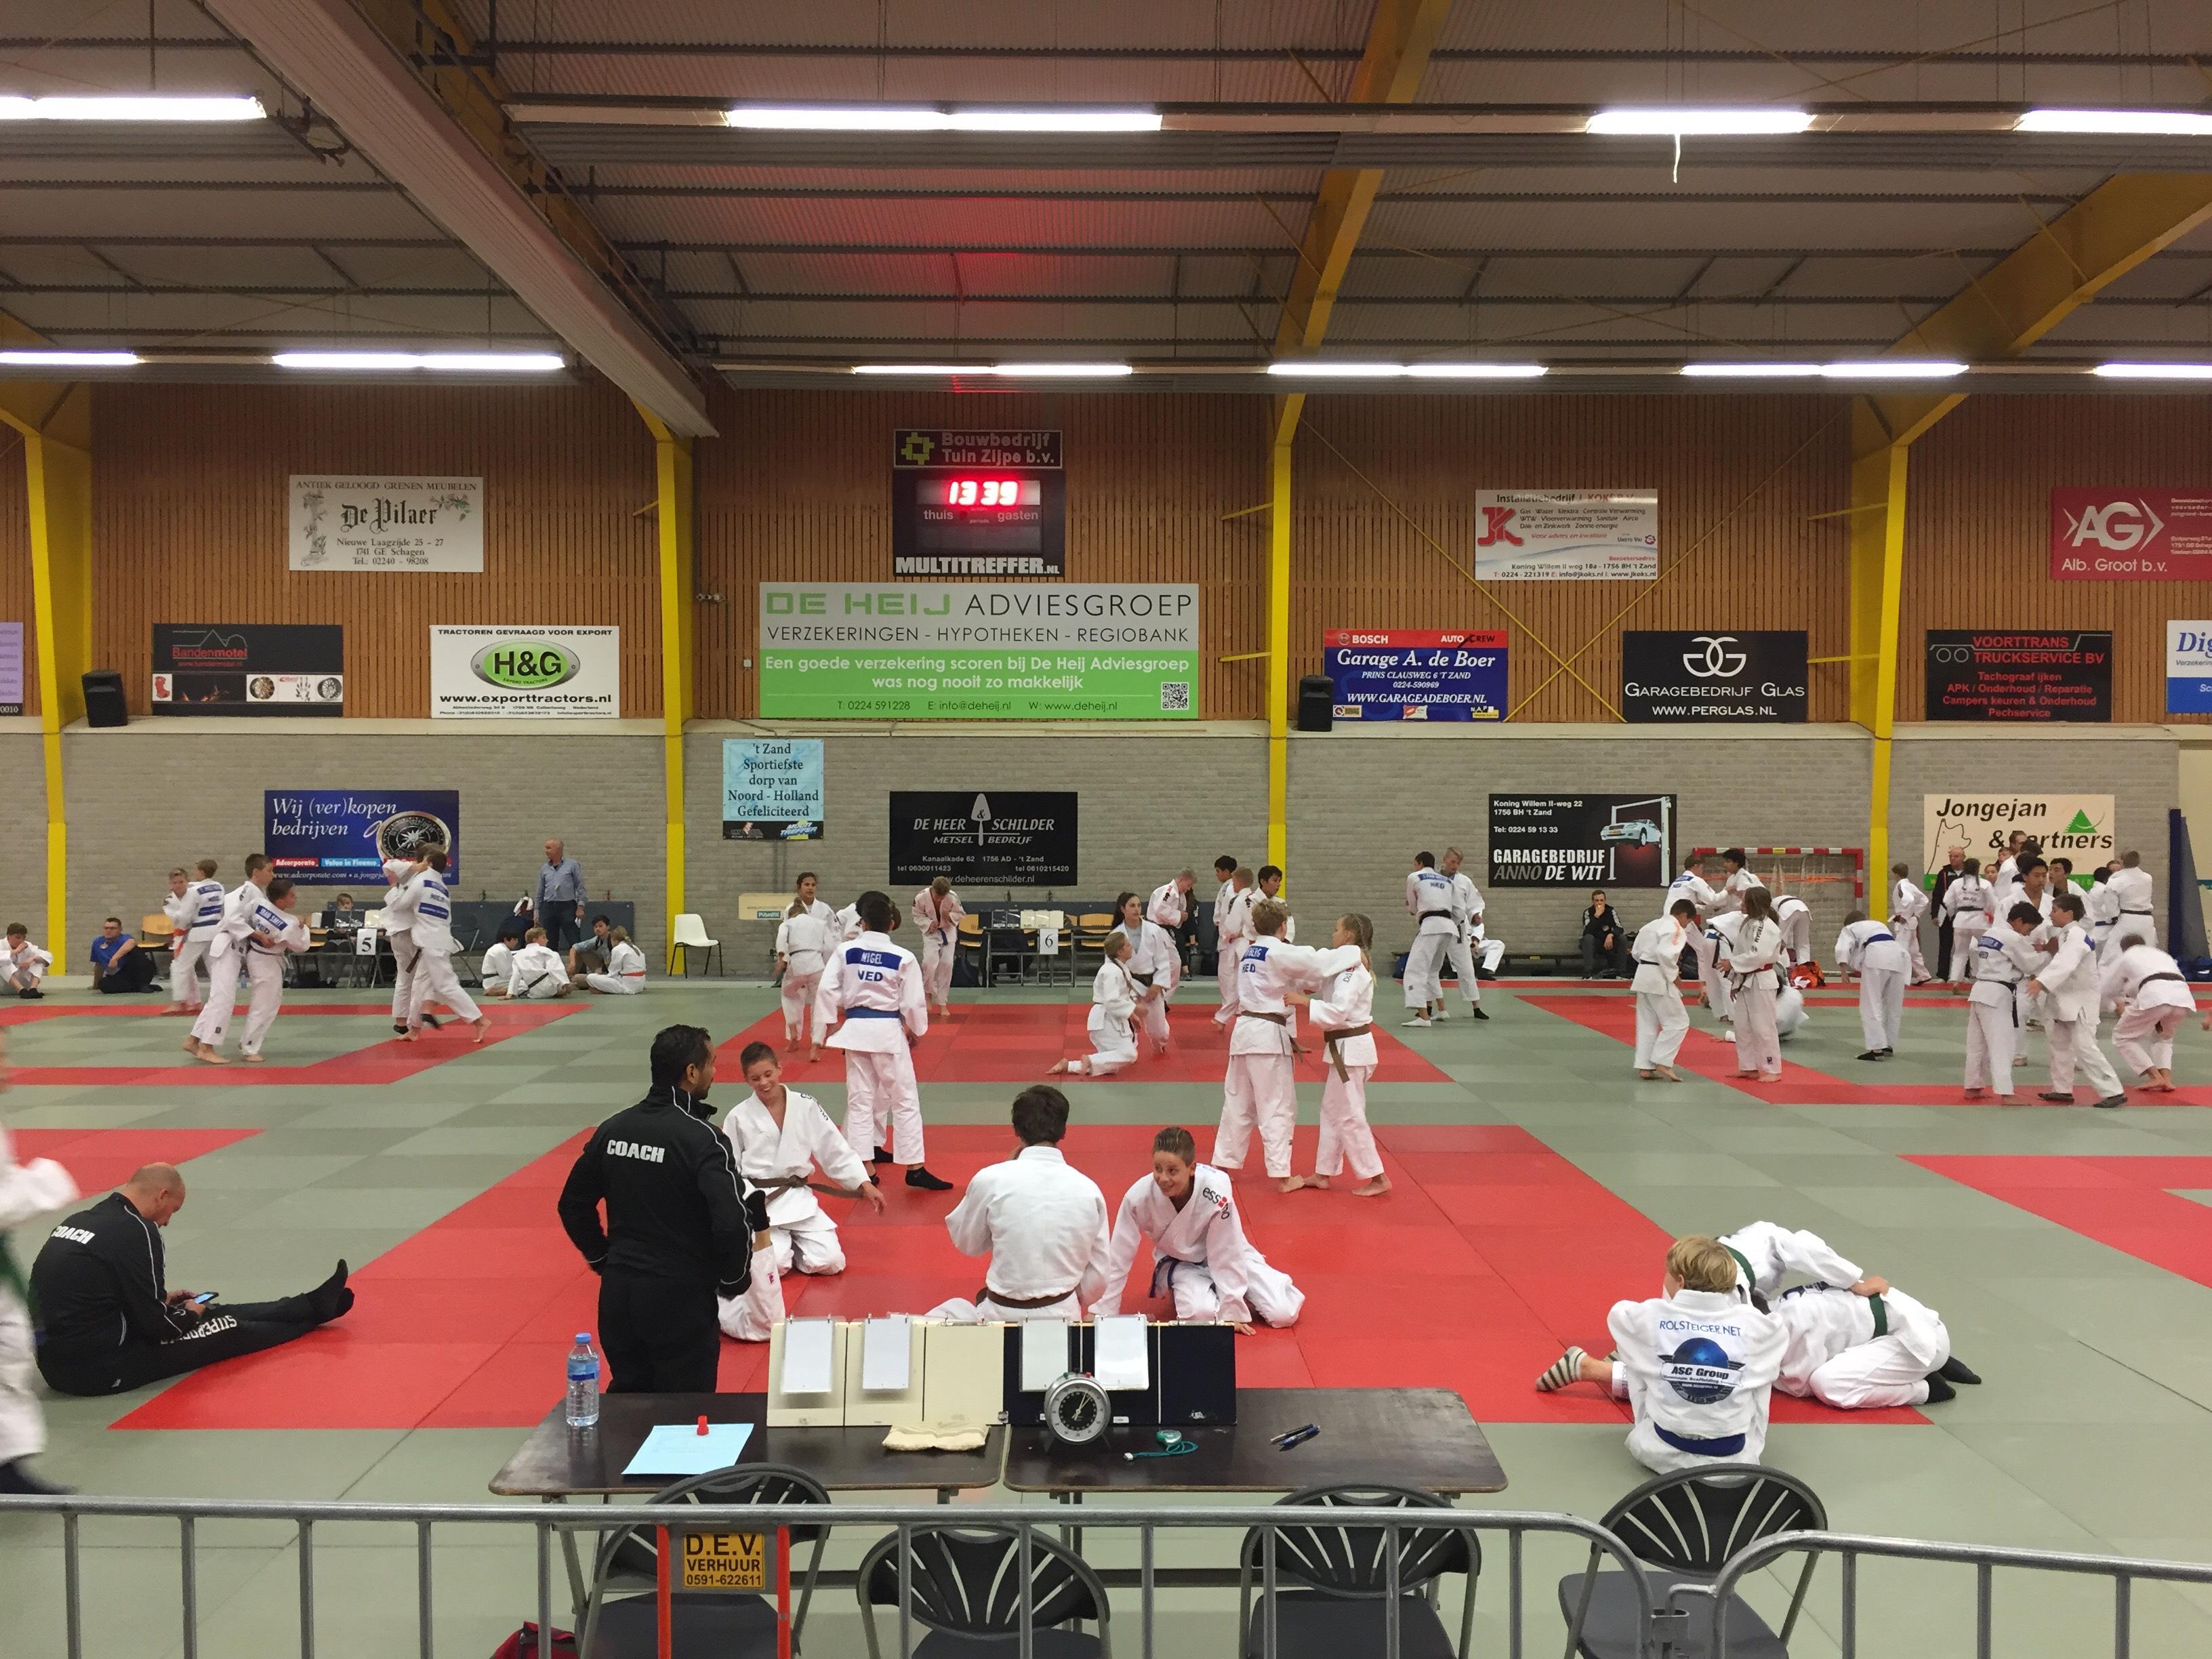 Dit is een foto vn een budo-judo toernooi. Jeugdjudo en karate bij Frits van der Werff